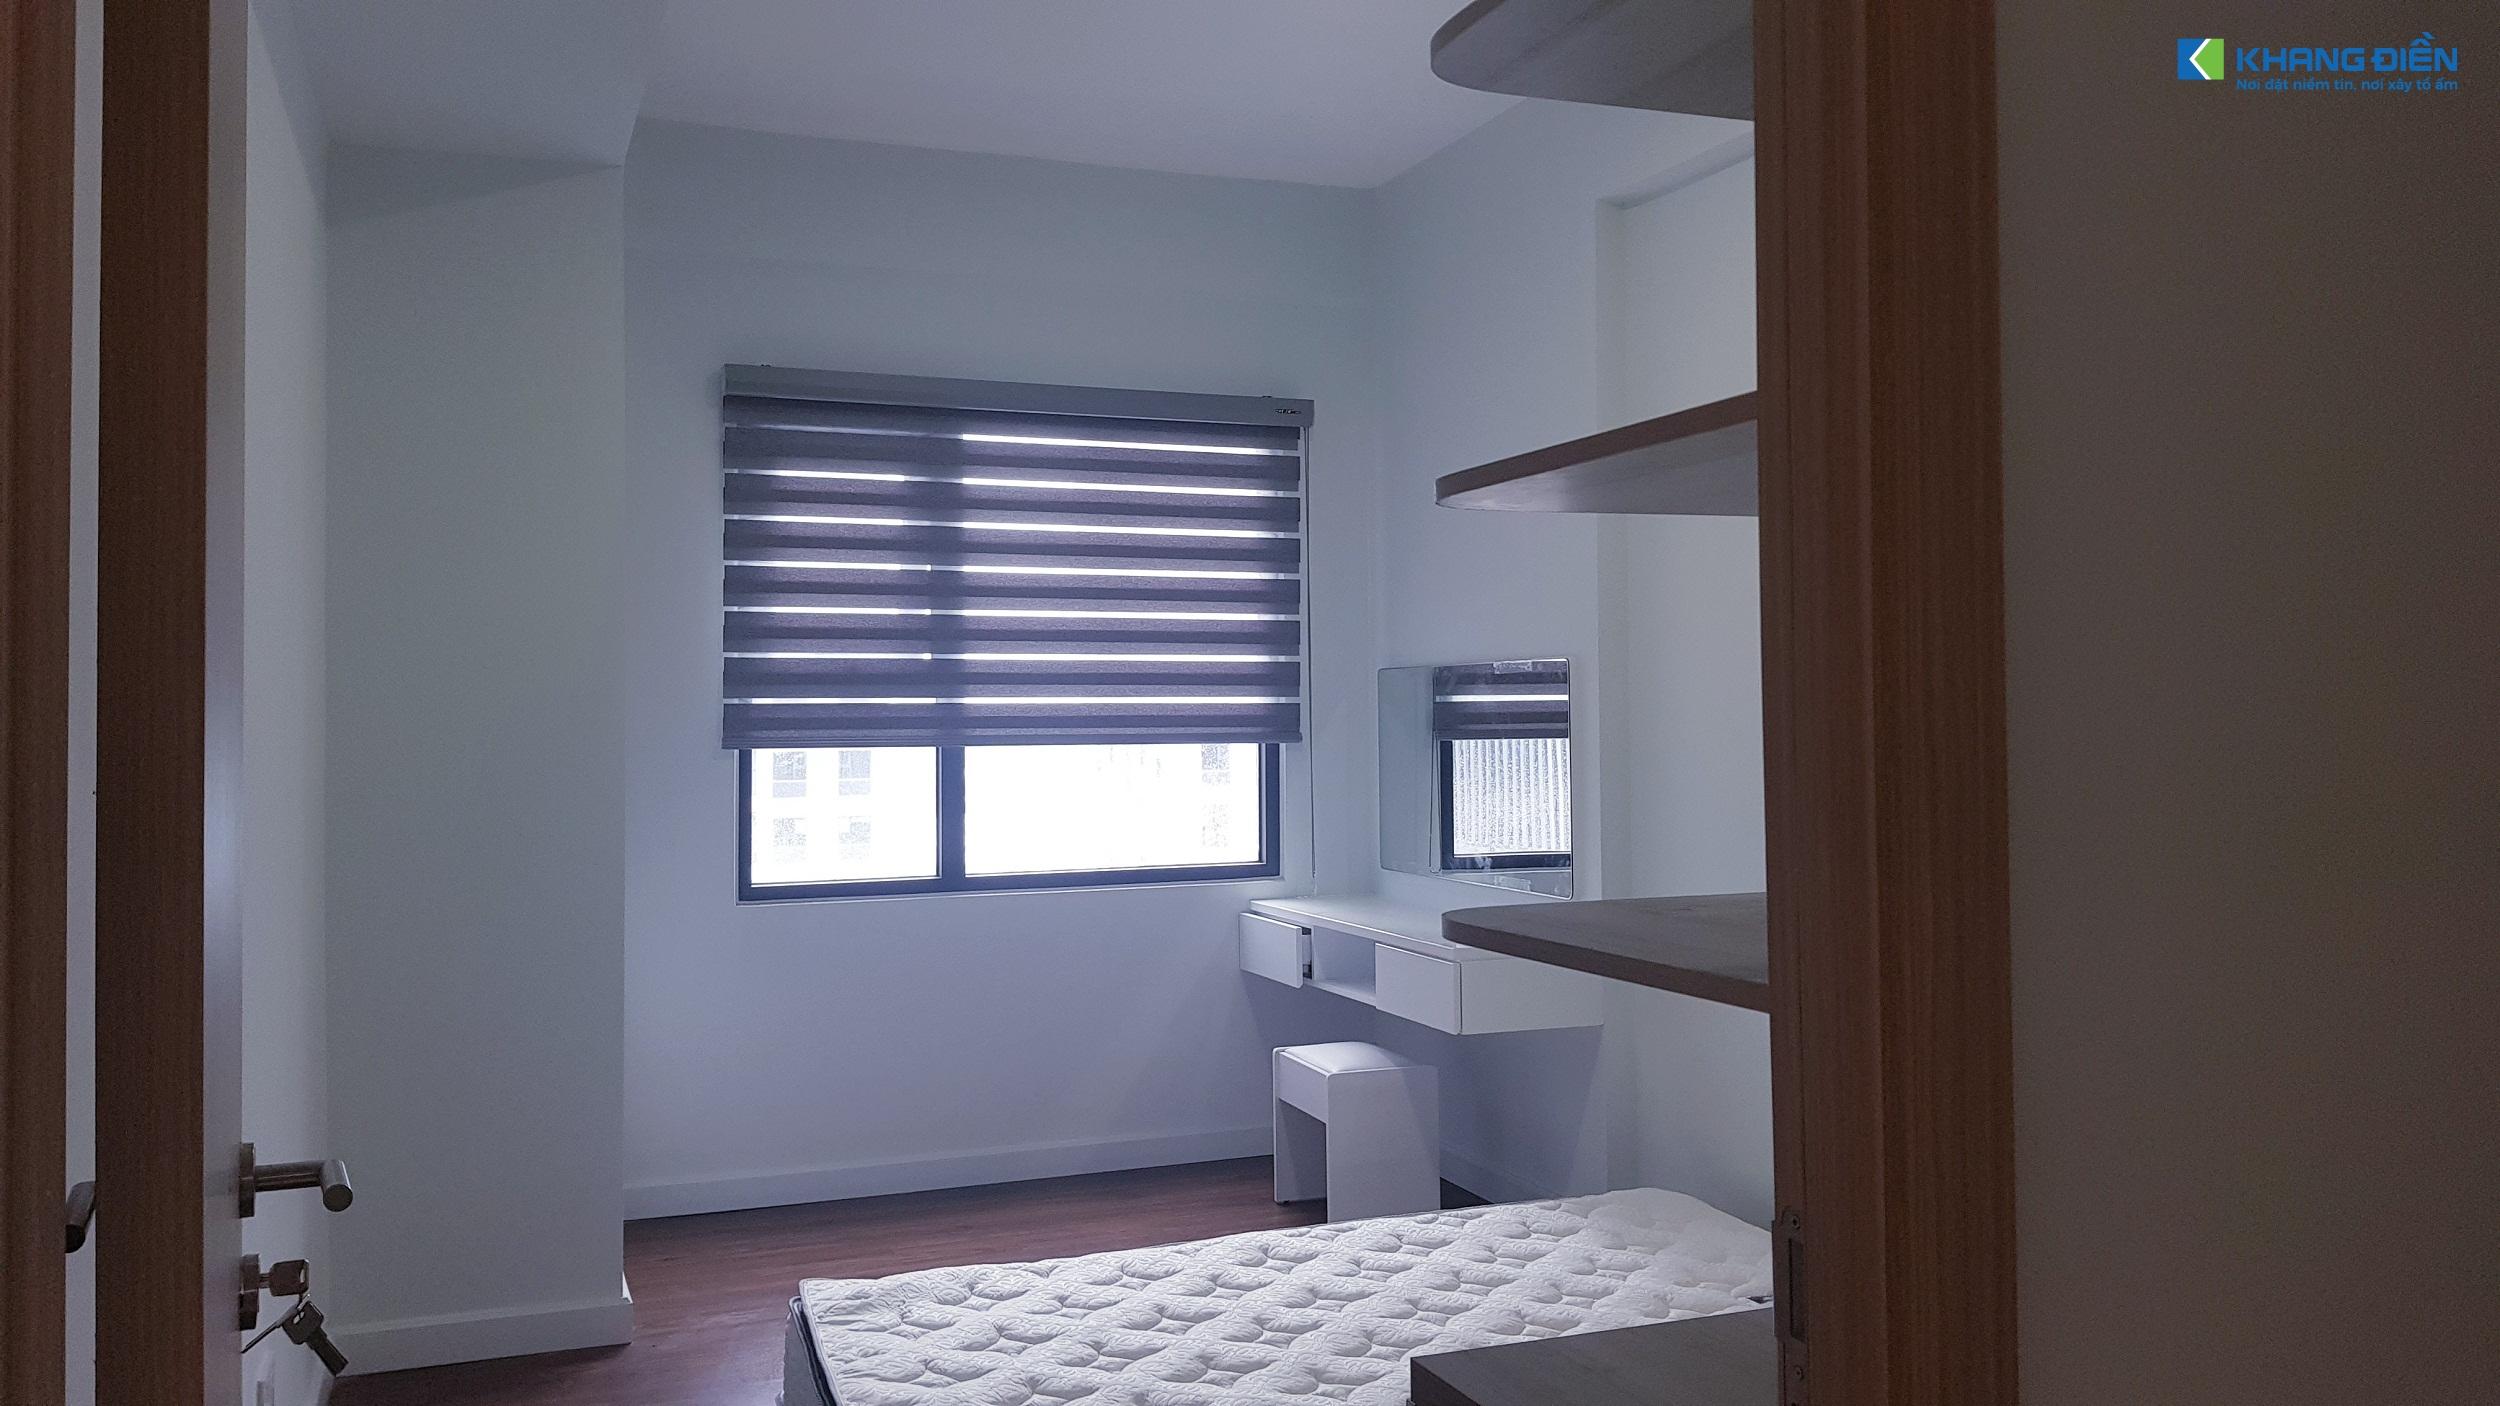 Phòng ngủ cũng được bố trí hết sức đơn giản với tủ quần áo, giường và bàn trang điểm - Khang Điền HCM